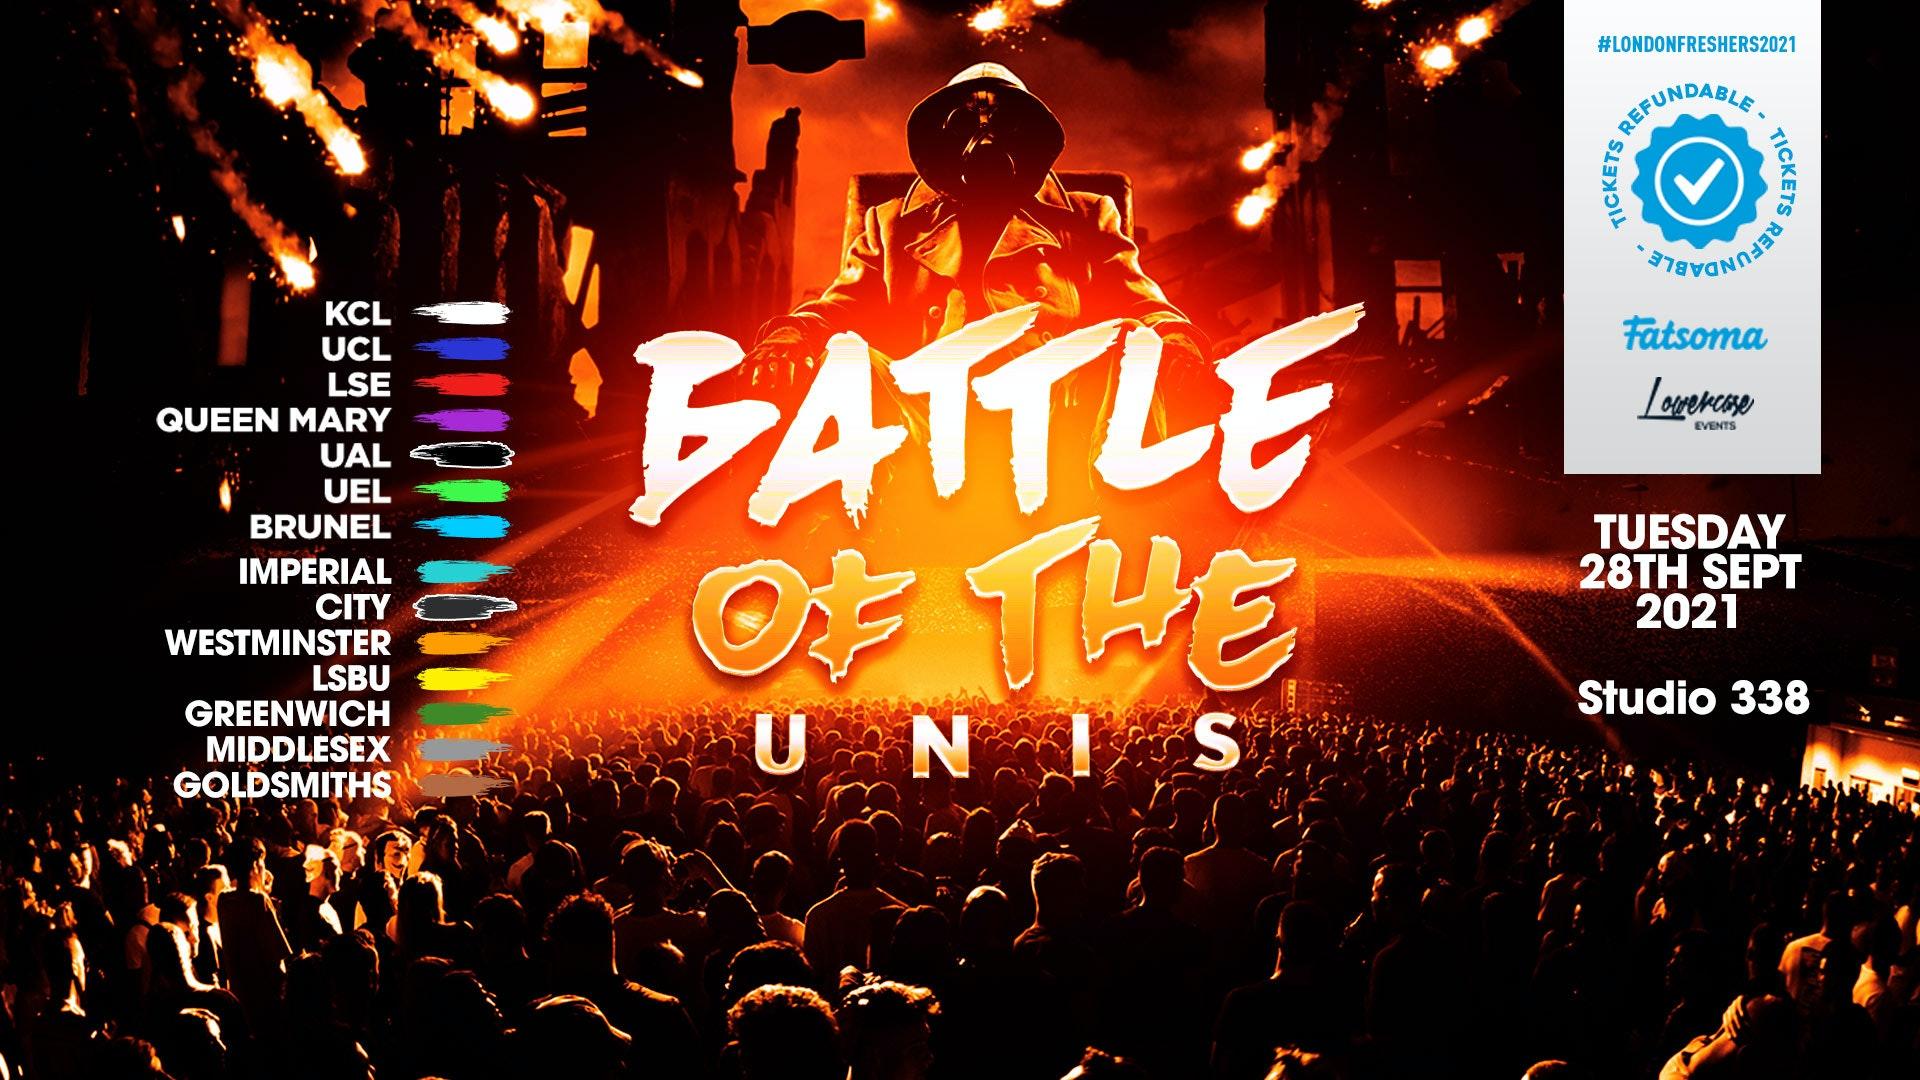 THE 2021 BATTLE OF THE UNIS! THE BIG FRESHERS UNIVERSITY CLASH // FRESHERS WEEK 3 DAY 2